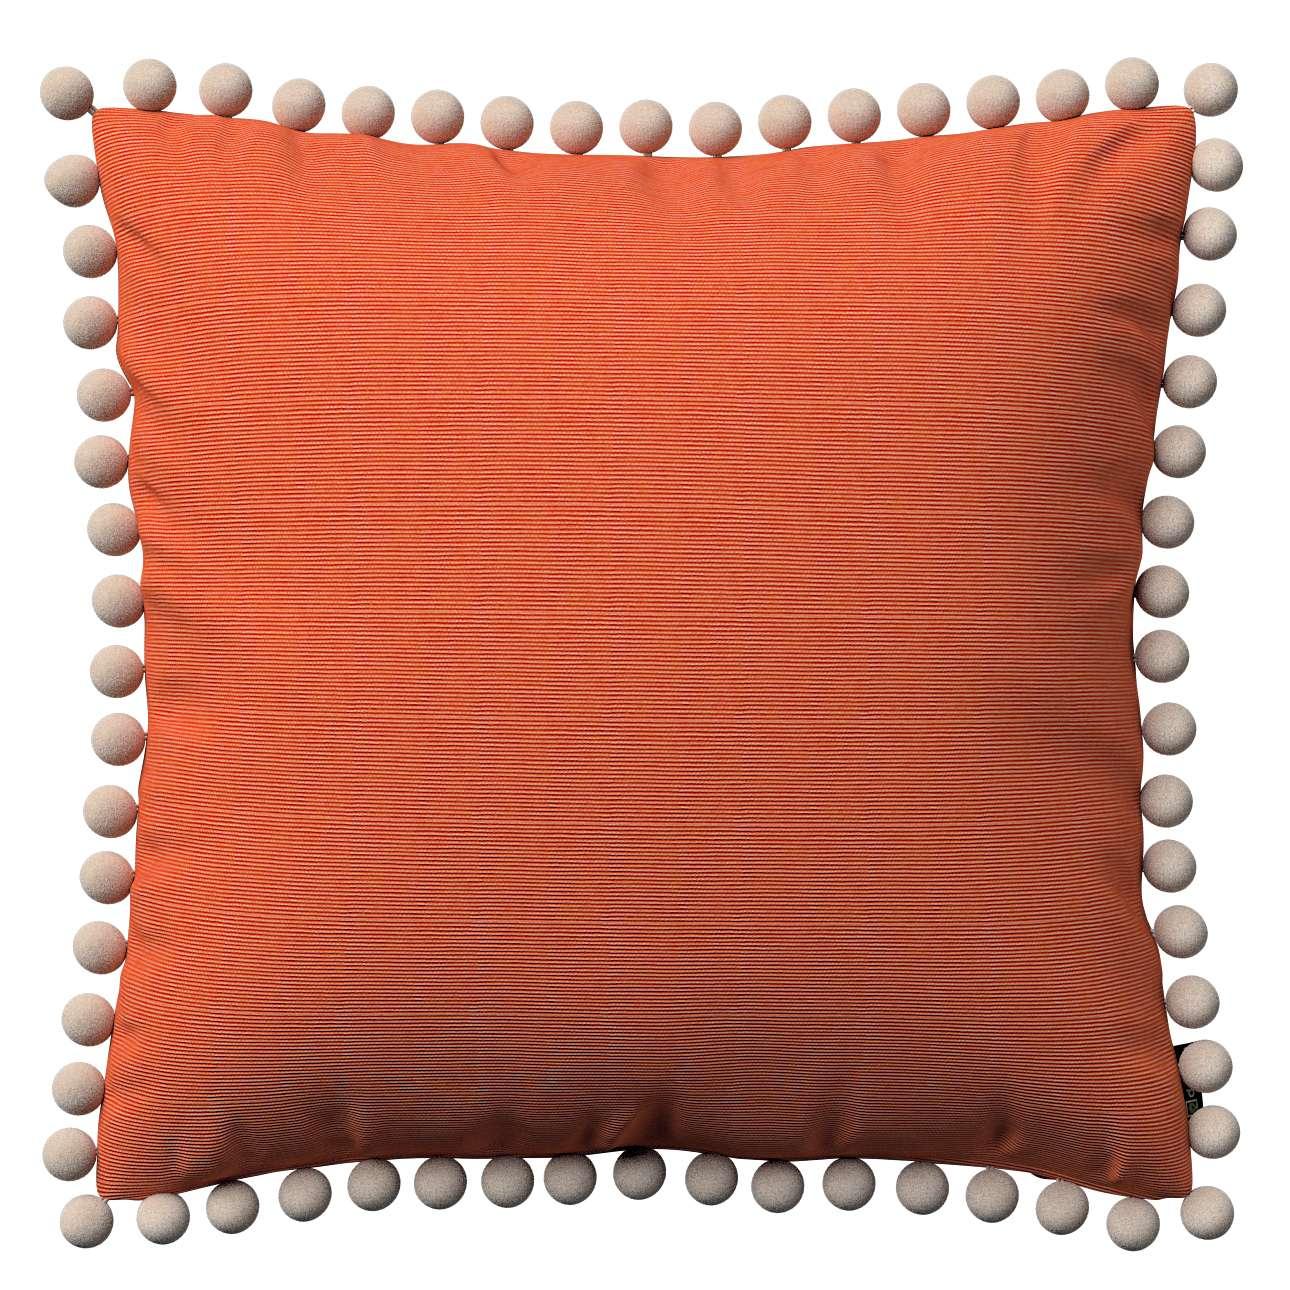 Wera dekoratyvinės pagalvėlės užvalkalas su žaismingais kraštais 45 x 45 cm kolekcijoje Jupiter, audinys: 127-35